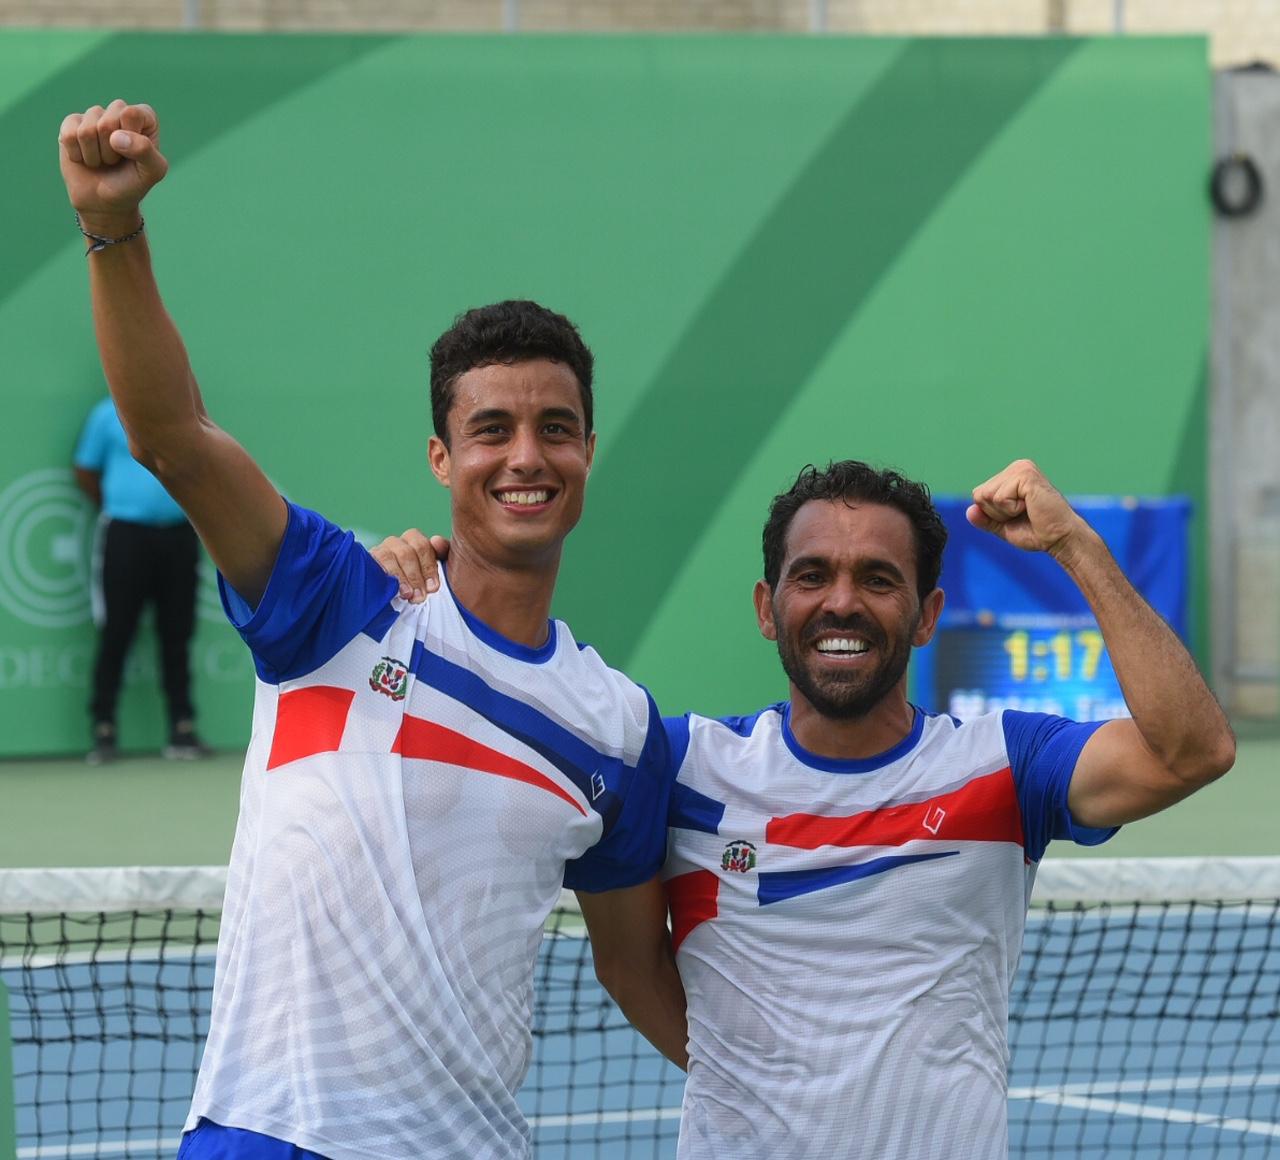 Víctor Estrella y Roberto Cid, campeones de dobles masculinos